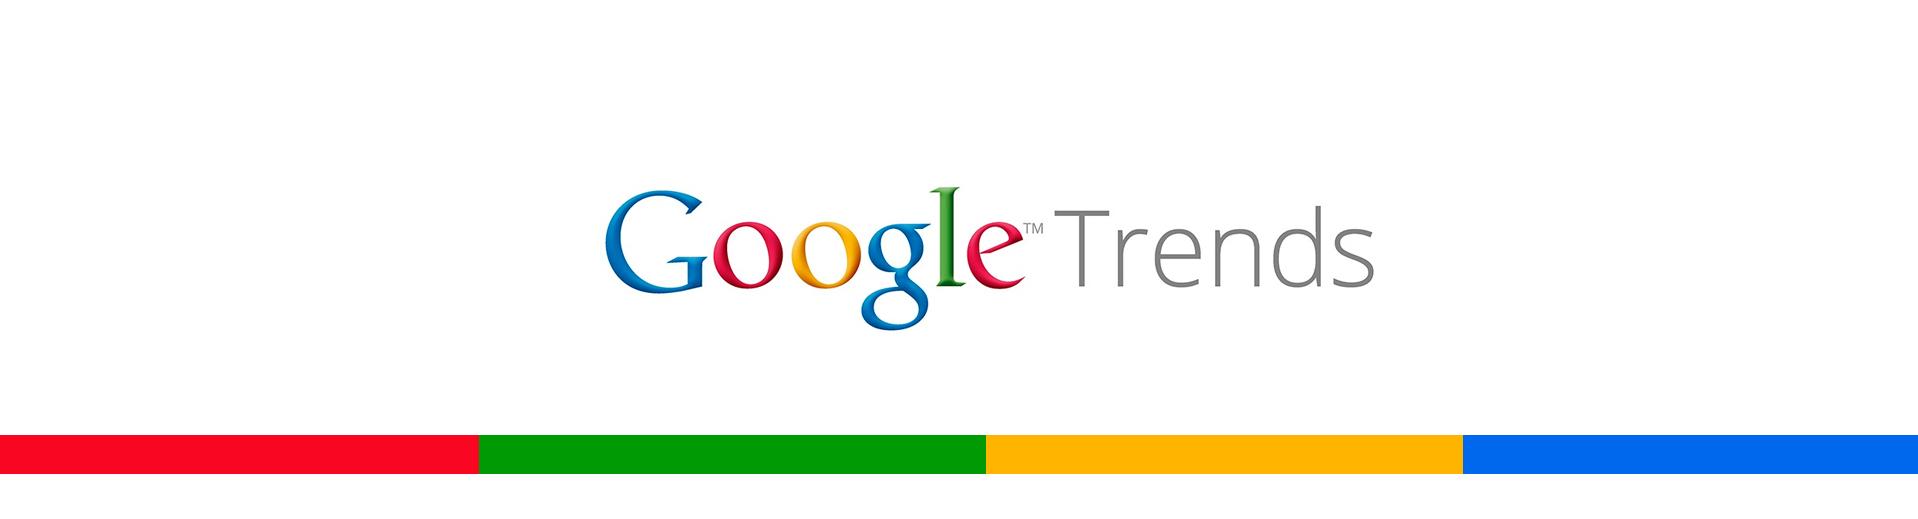 Что такое Google Trends и как им пользоваться – подробное руководство - Фото 1